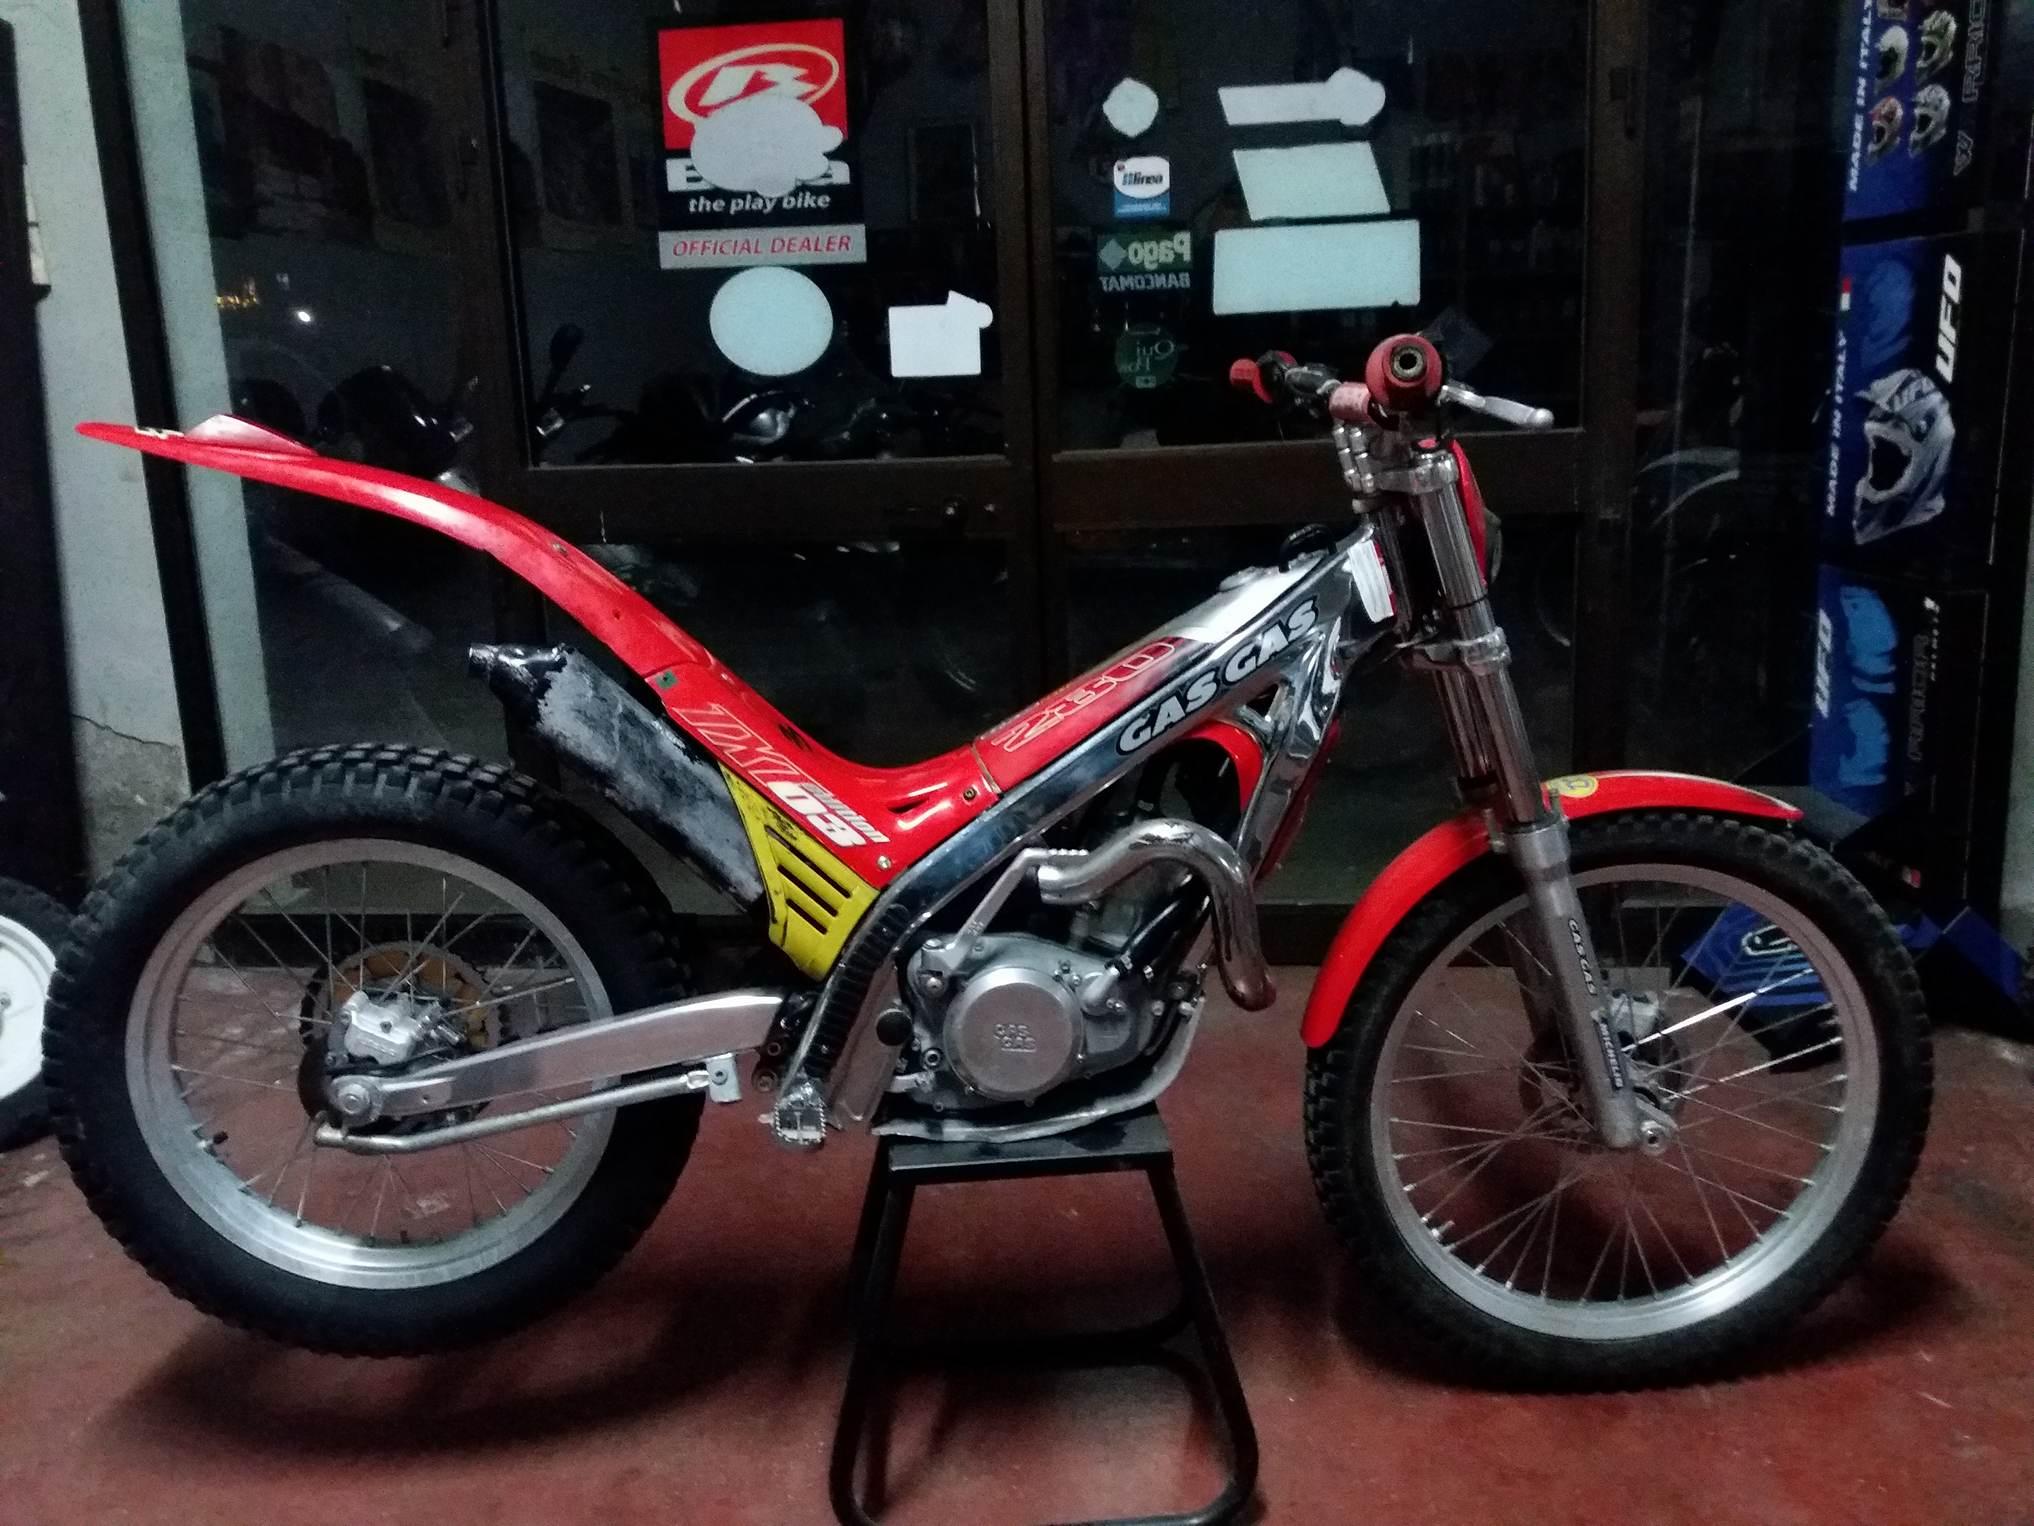 Gas gas txt 280 edition